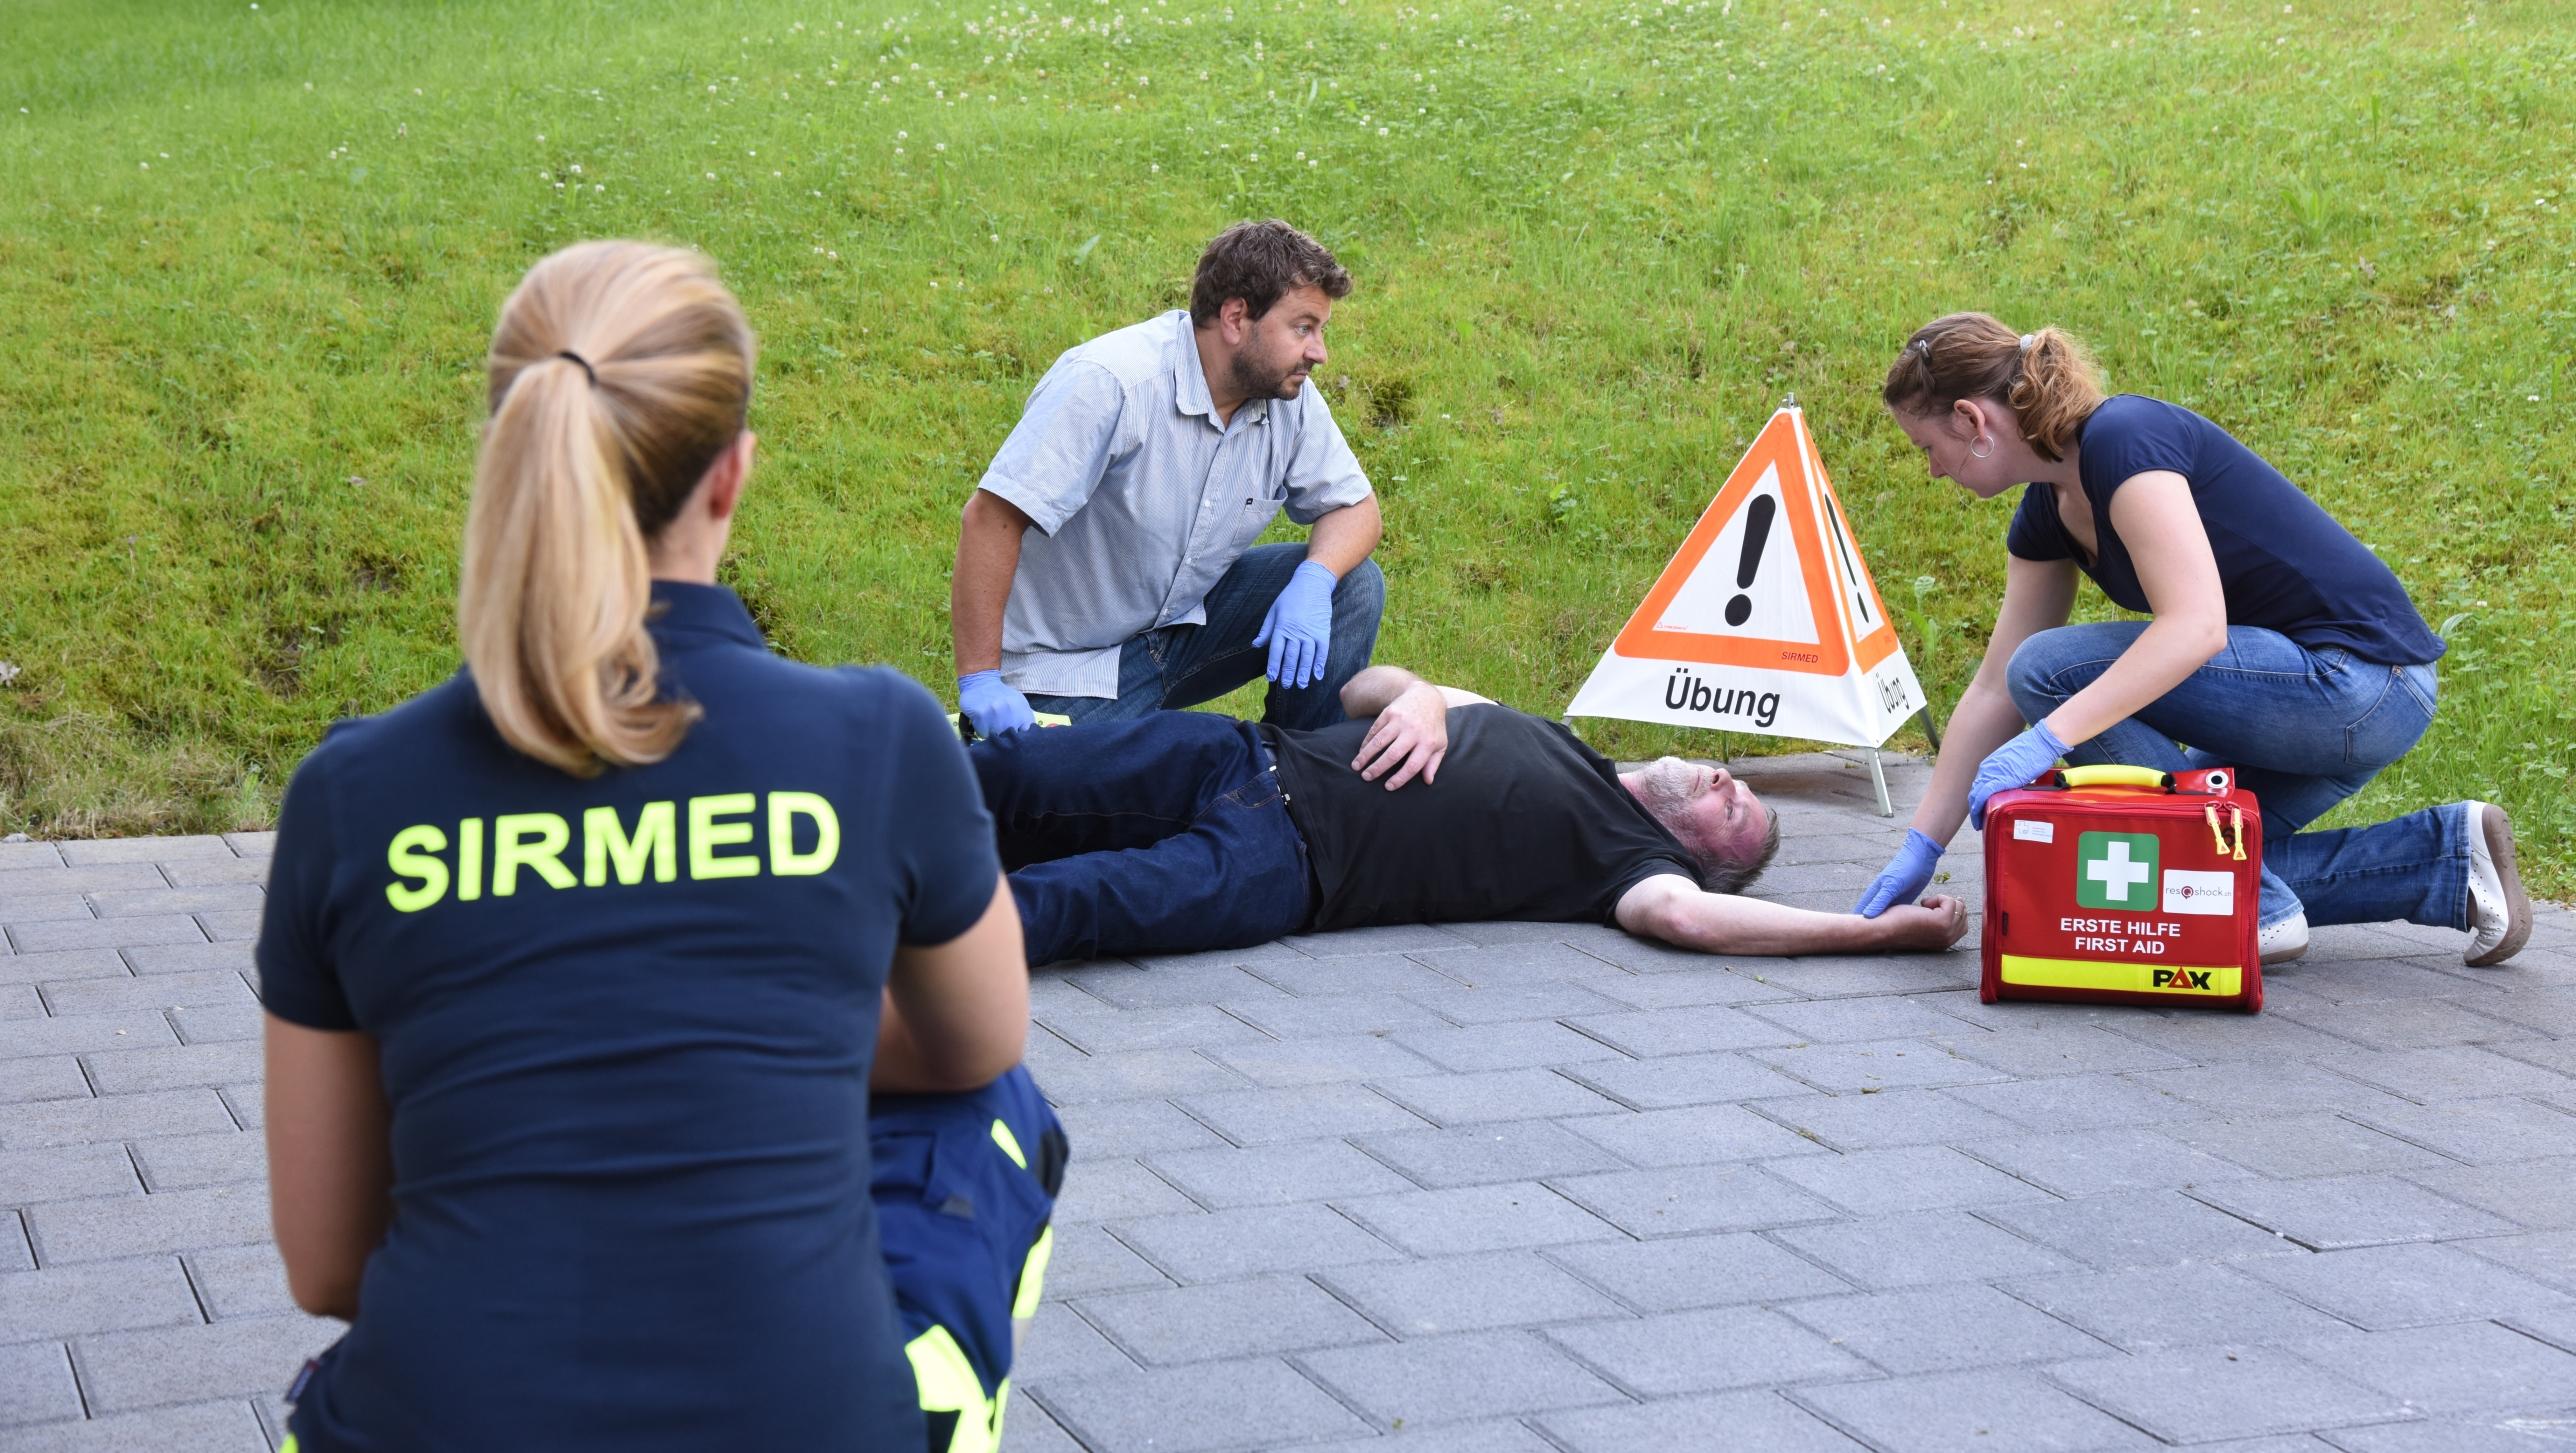 Sirmed - Schweizer Institut für Rettungsmedizin